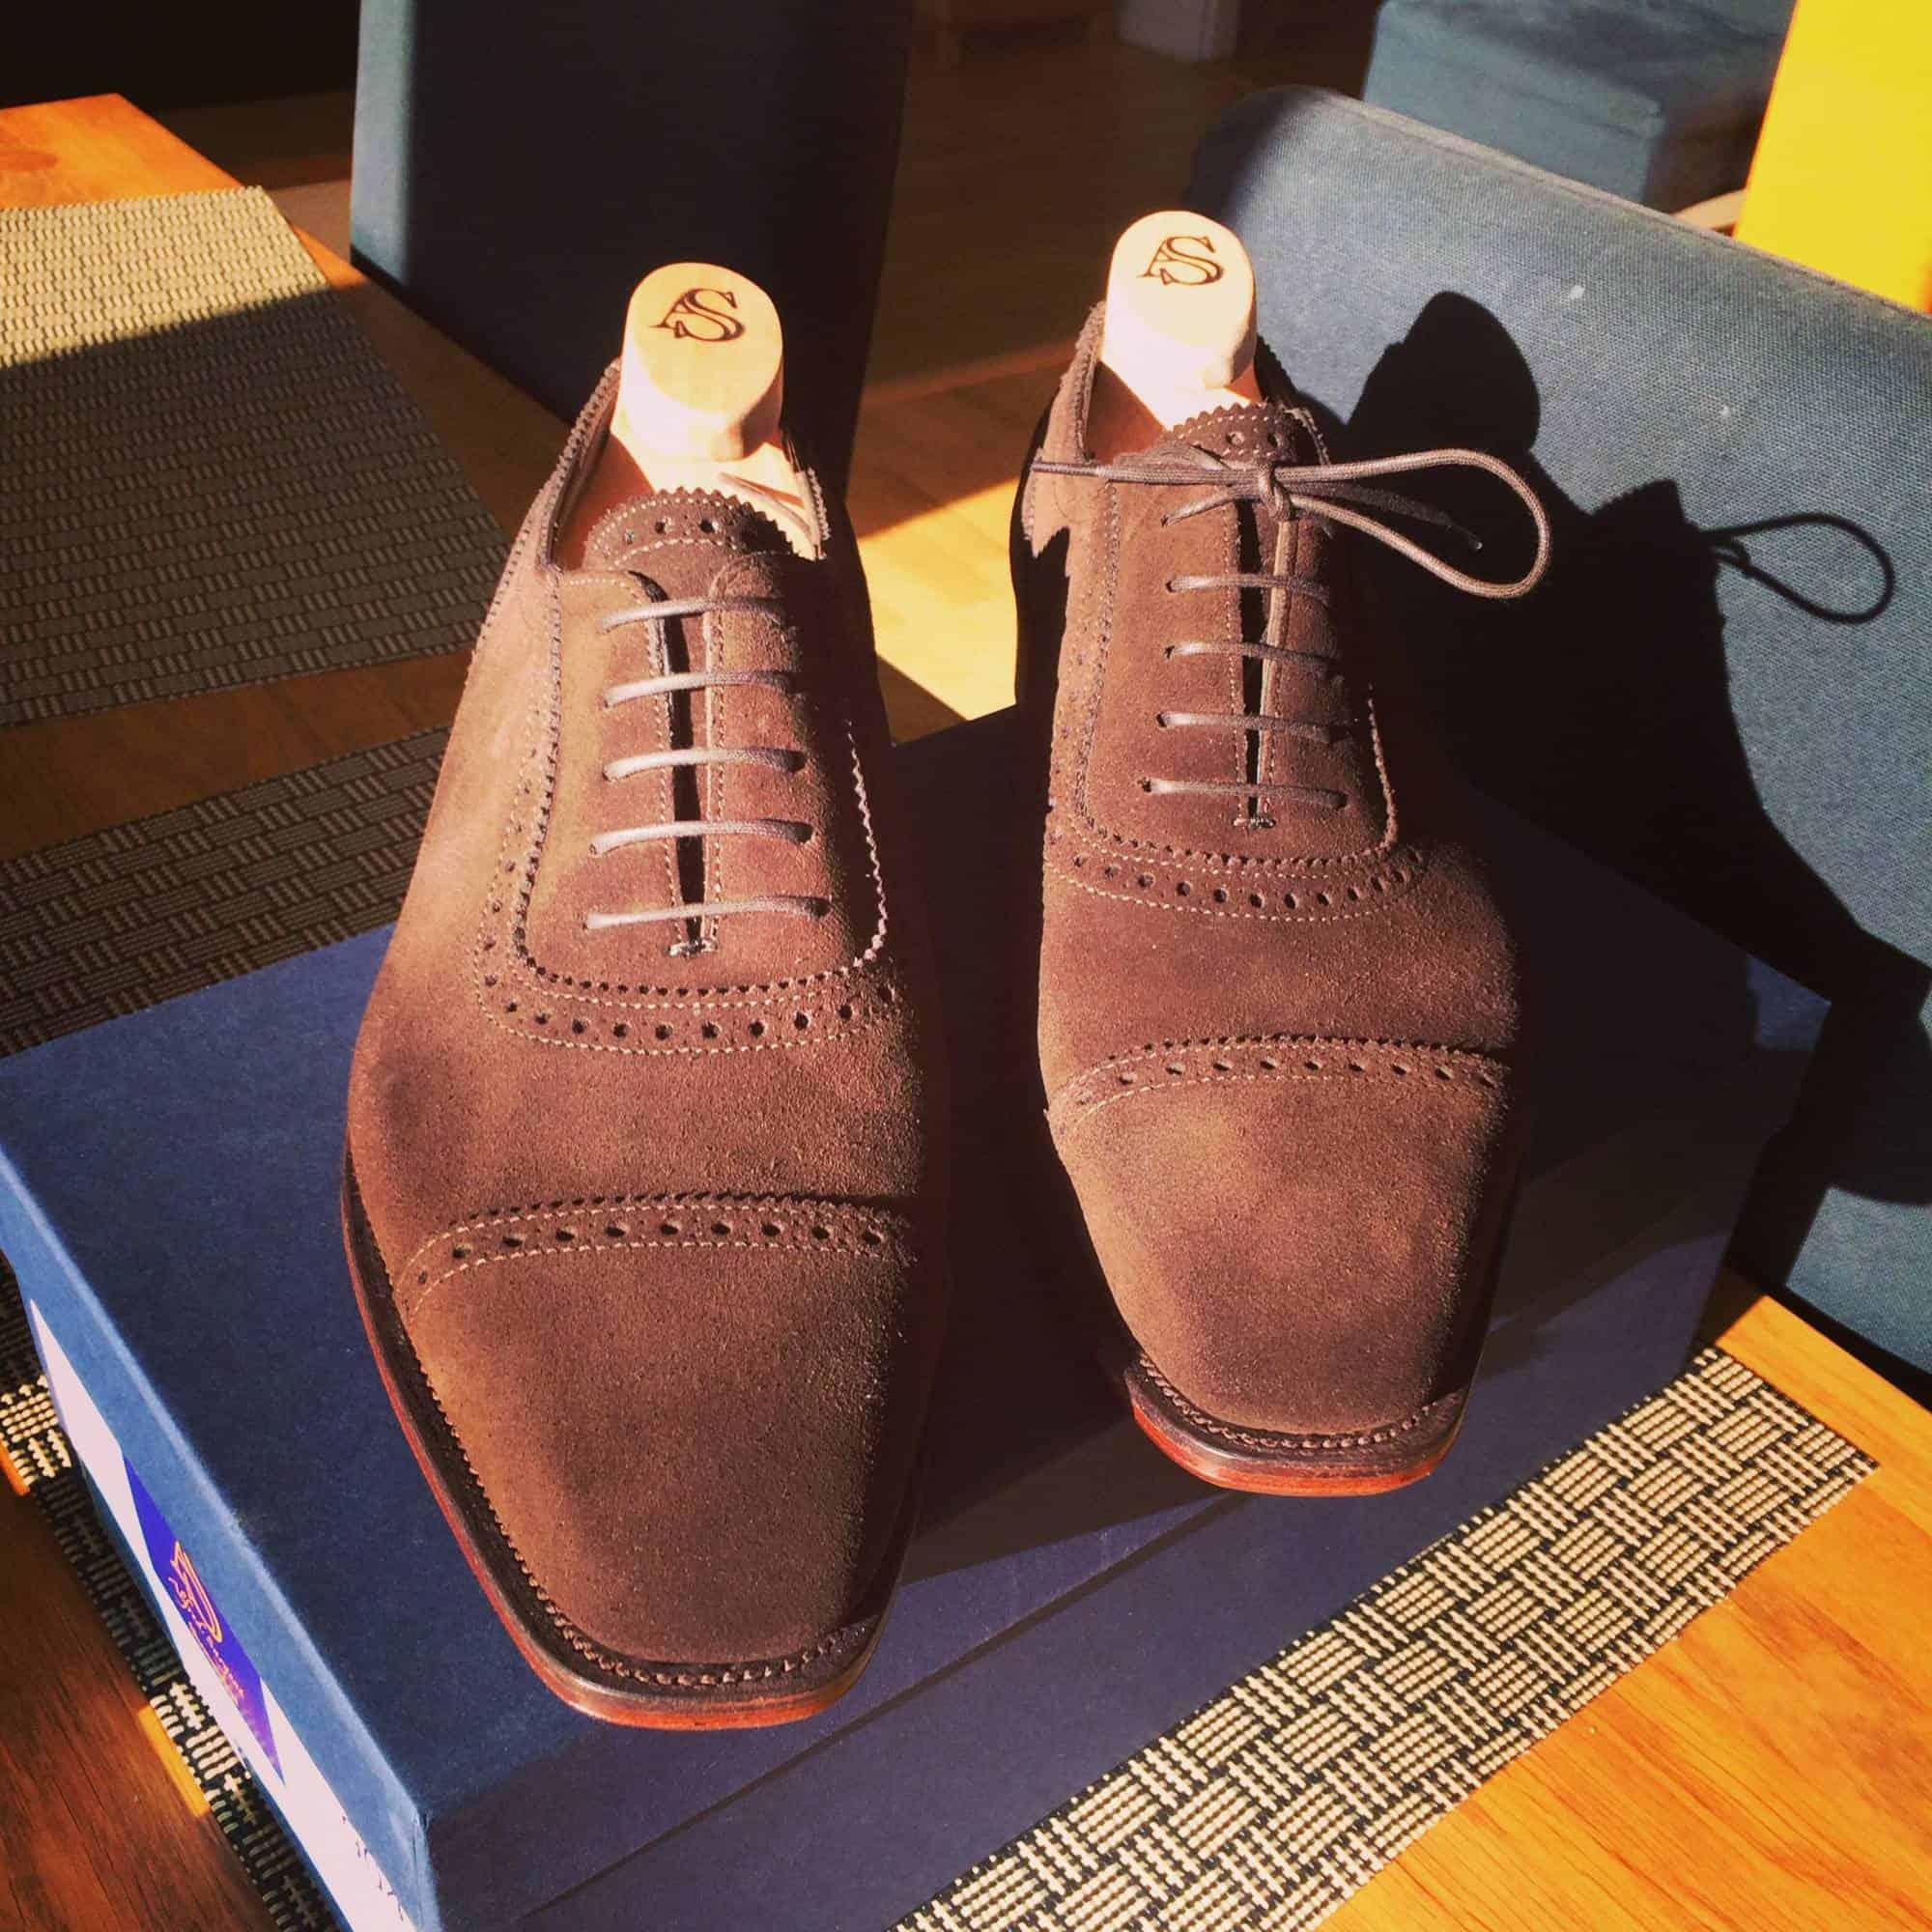 hur töjer man ut nya skor